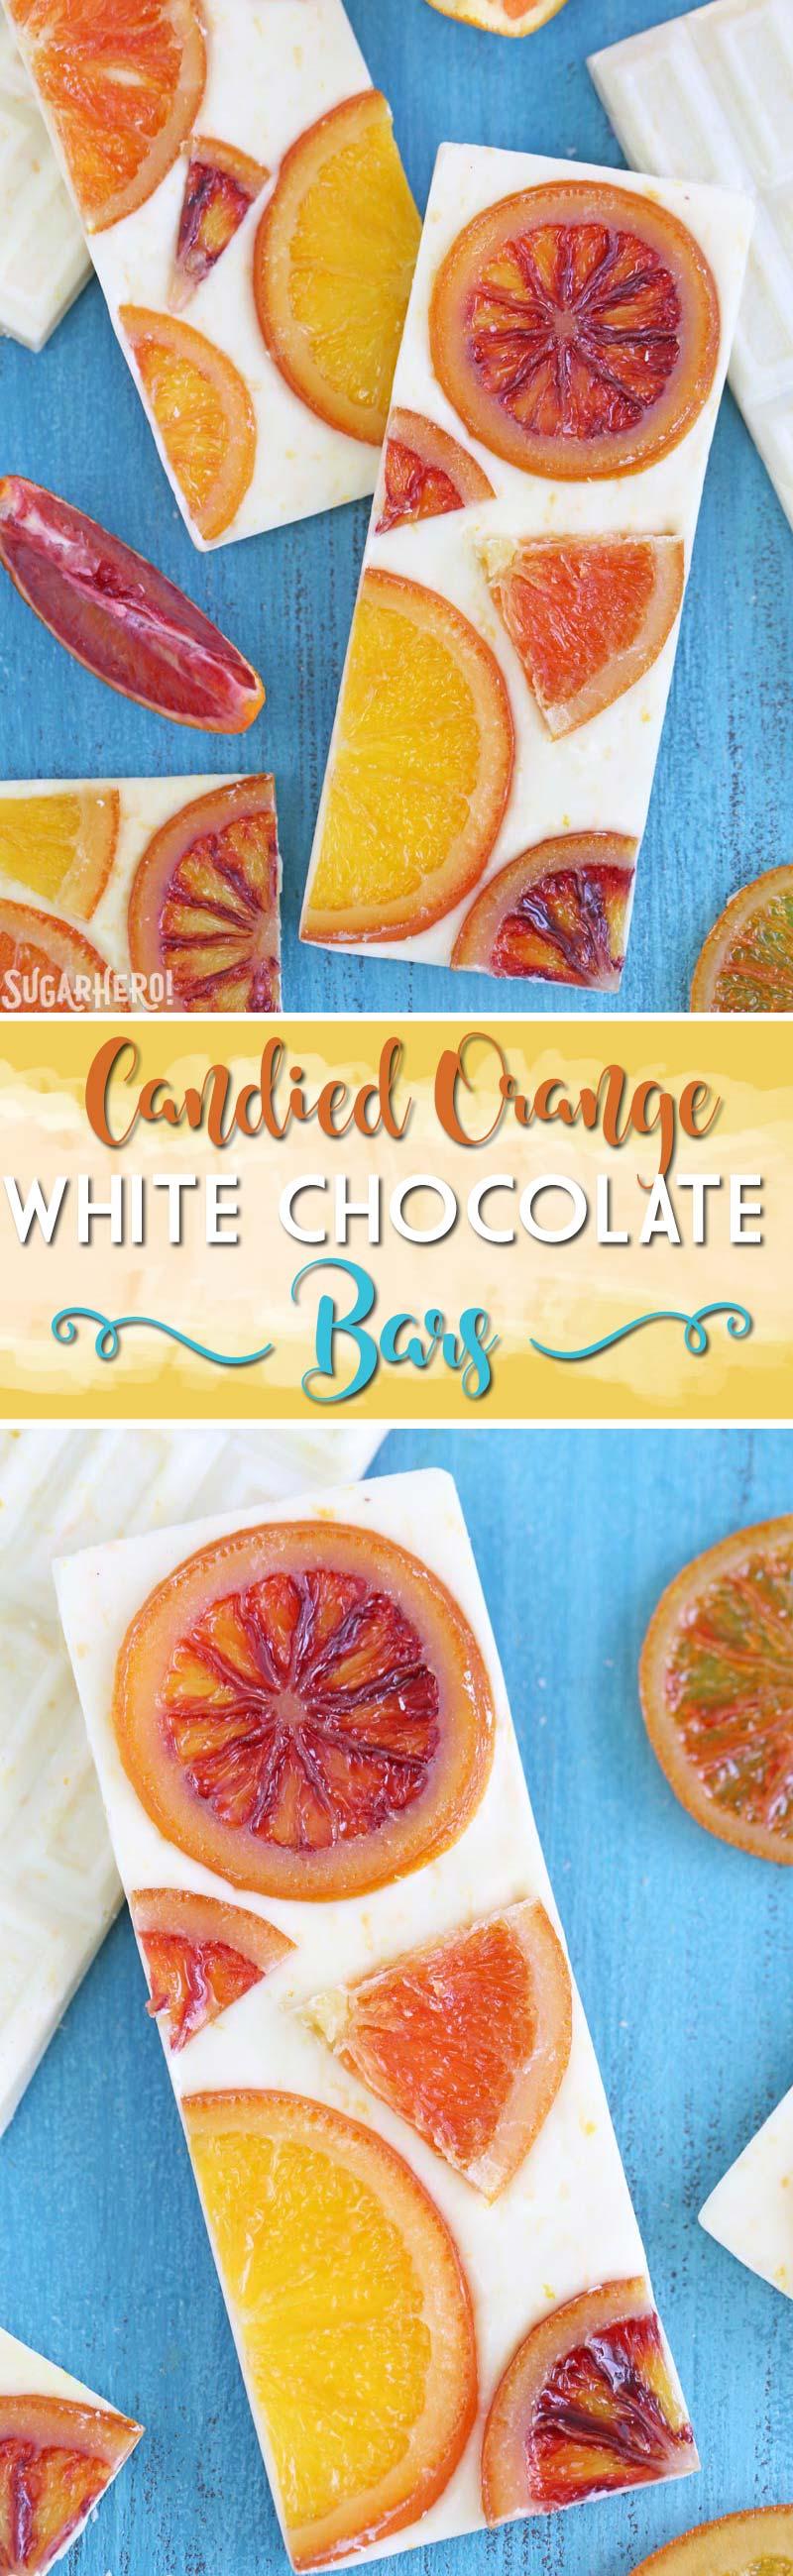 Candied Orange White Chocolate Bars - white chocolate bars with orange zest and candied oranges. Sweet, tart, and tangy! | From SugarHero.com